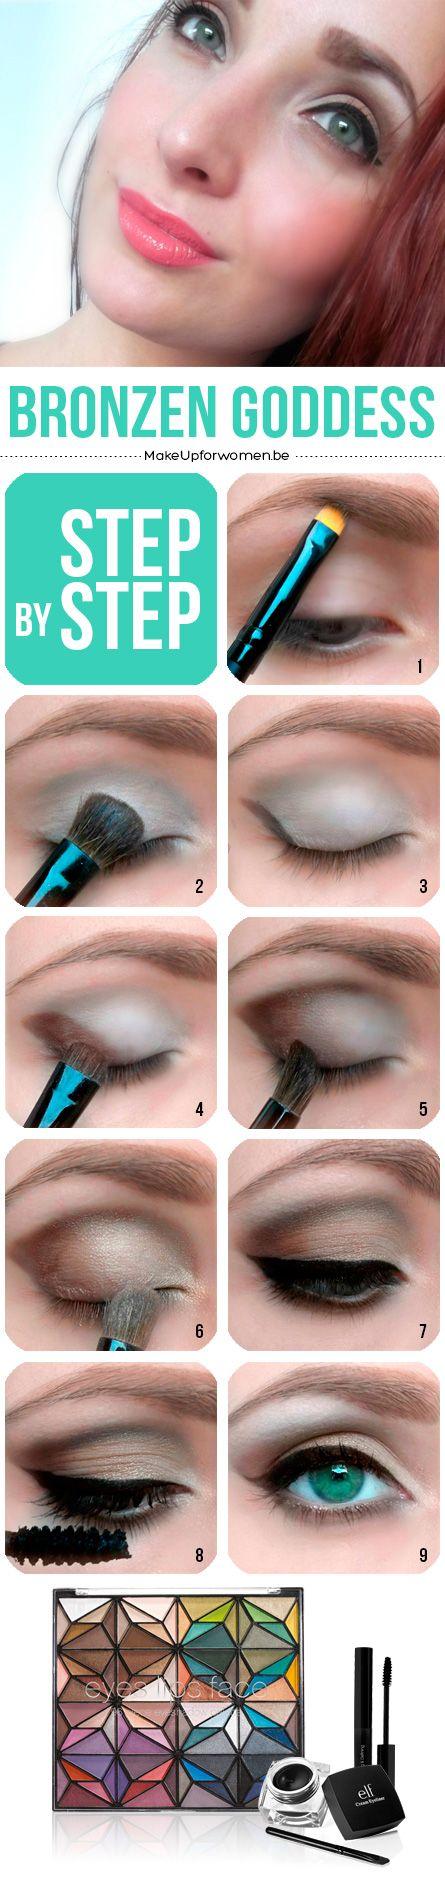 #85049 96-delig oogschaduwpalet http://www.eyeslipsface.nl/product-beauty/96-delige-geometrische-oogschaduw-palette